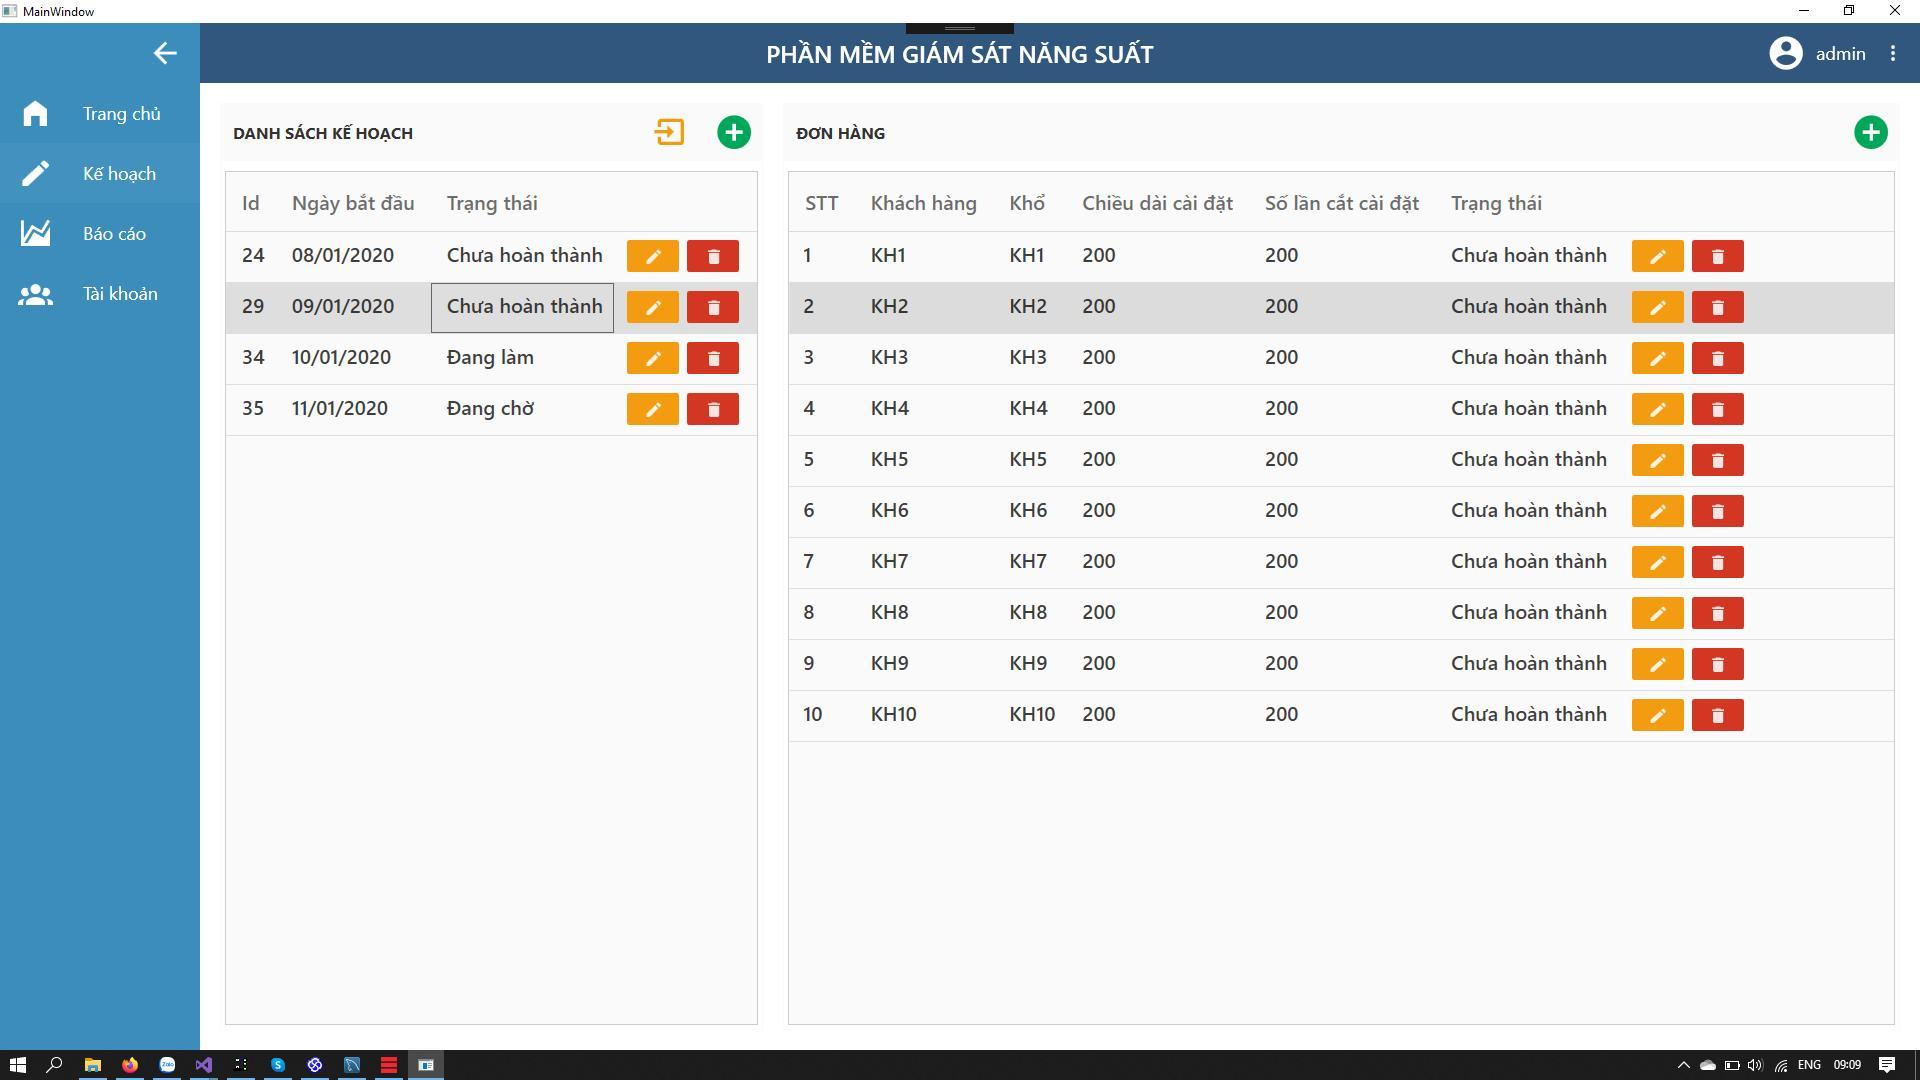 Phần mềm giám sát năng suất - Giao diện cài đặt/Setting